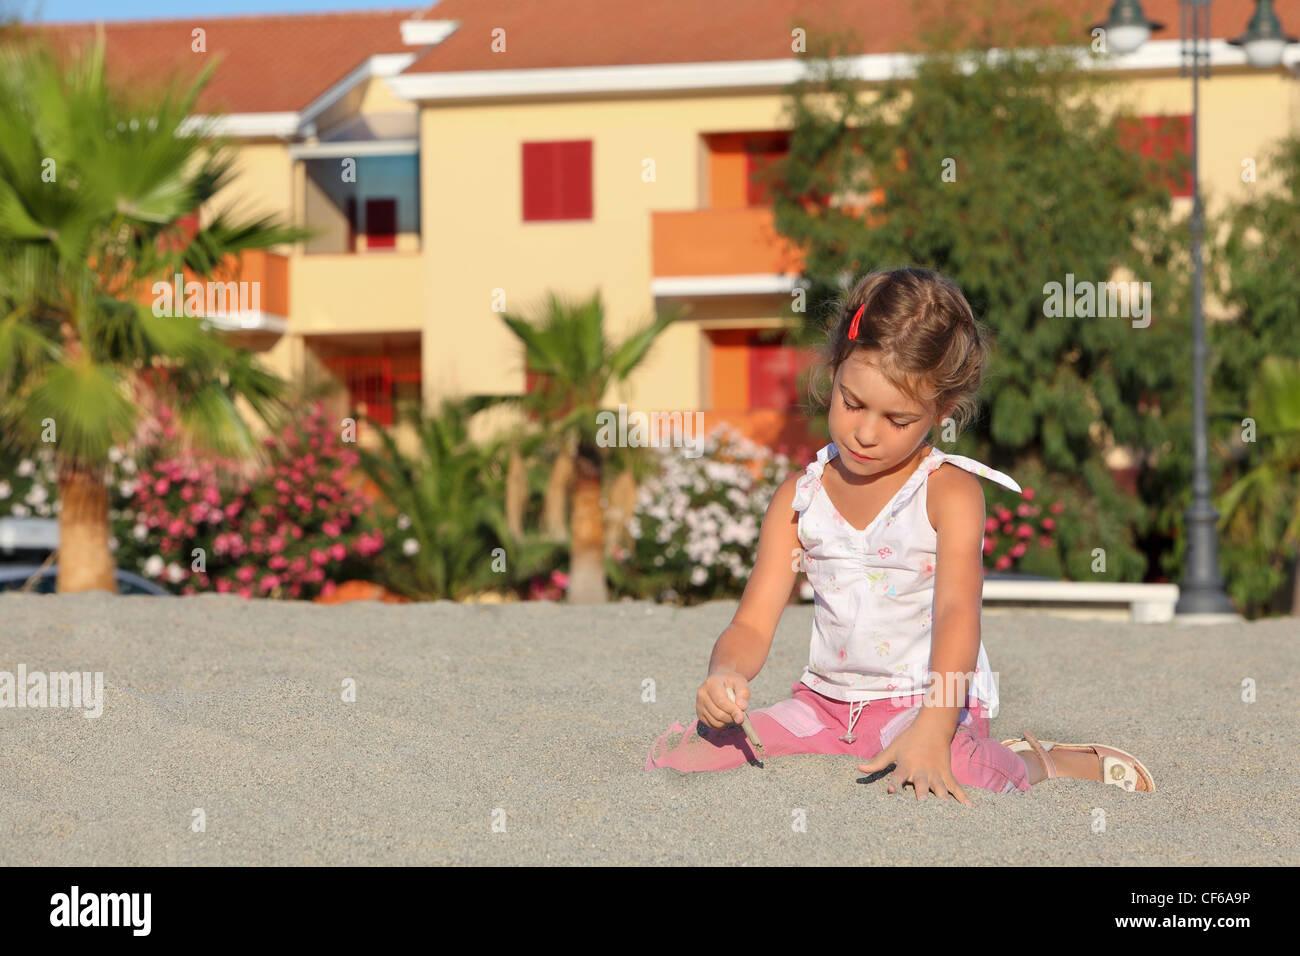 Niña sentada en el día en la playa y íntegramente lleva poco stick sobre arena. Imagen De Stock